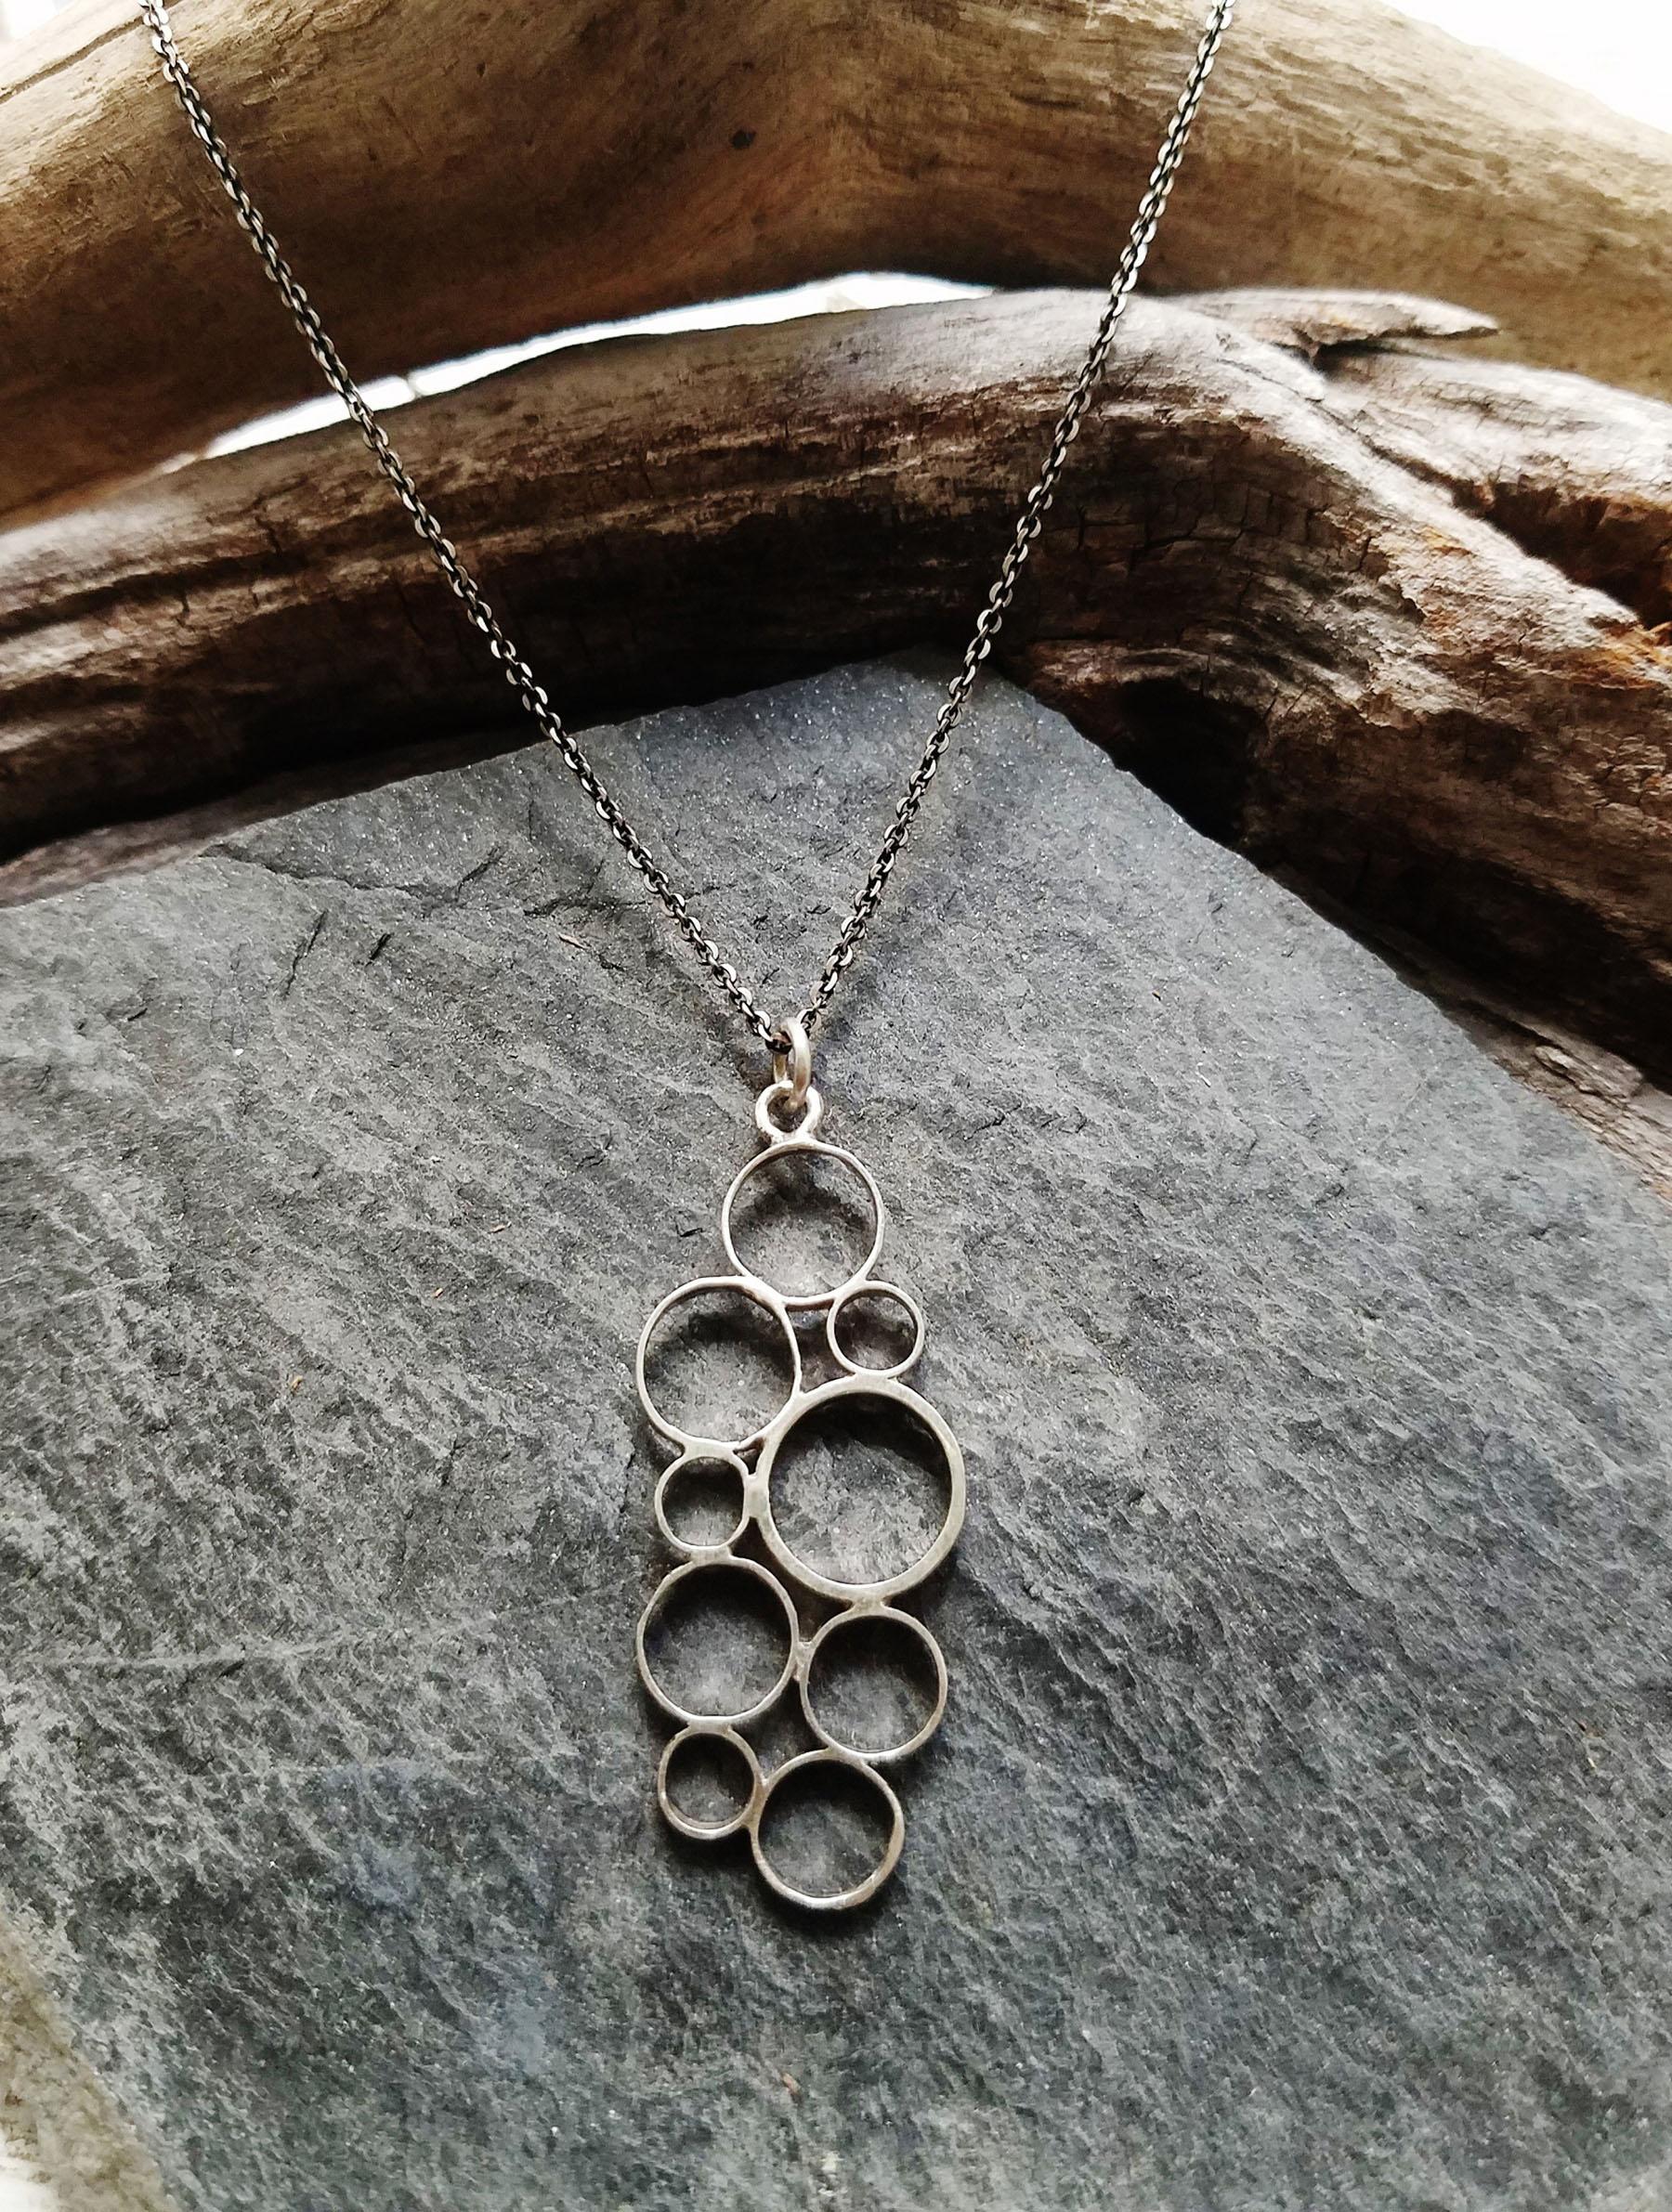 Lisa-Medoff-Designs-Long-Bubbles-Necklace